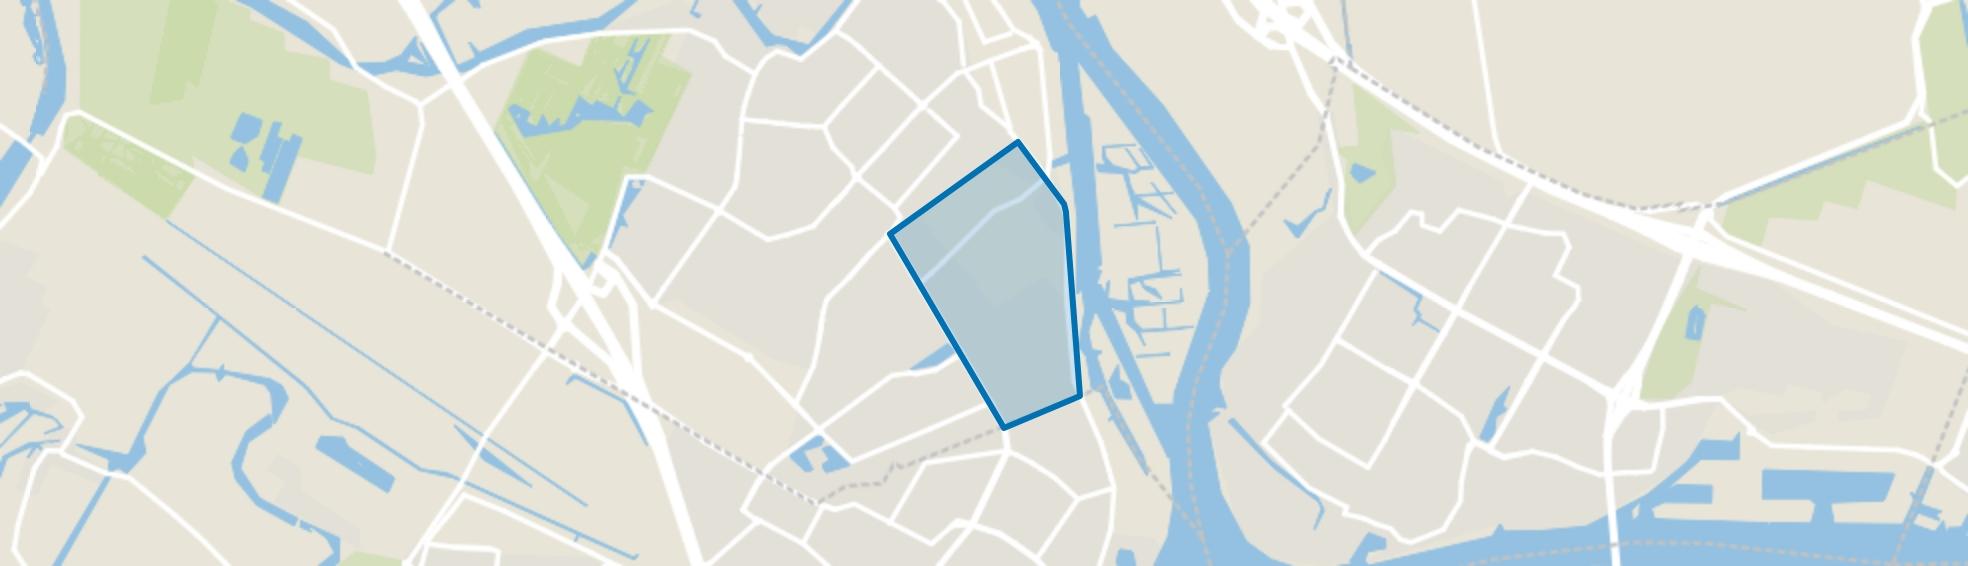 Volgerlanden-Oost, Hendrik-Ido-Ambacht map